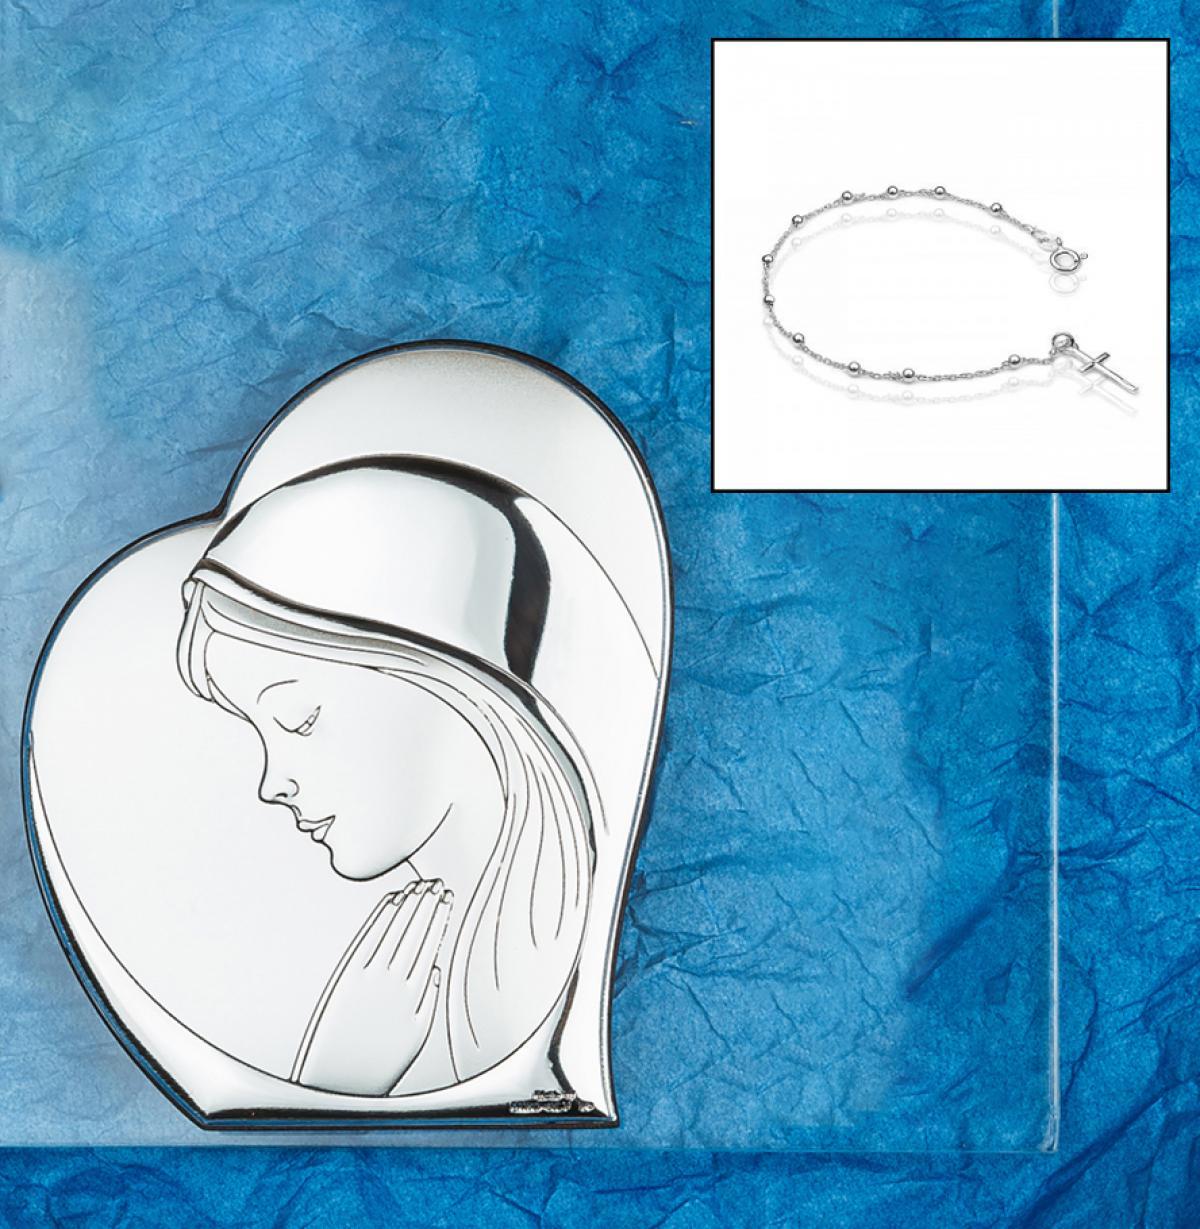 Подаруковий набір ``Срібна ікона Богородиці + срібний браслет-вервиця``